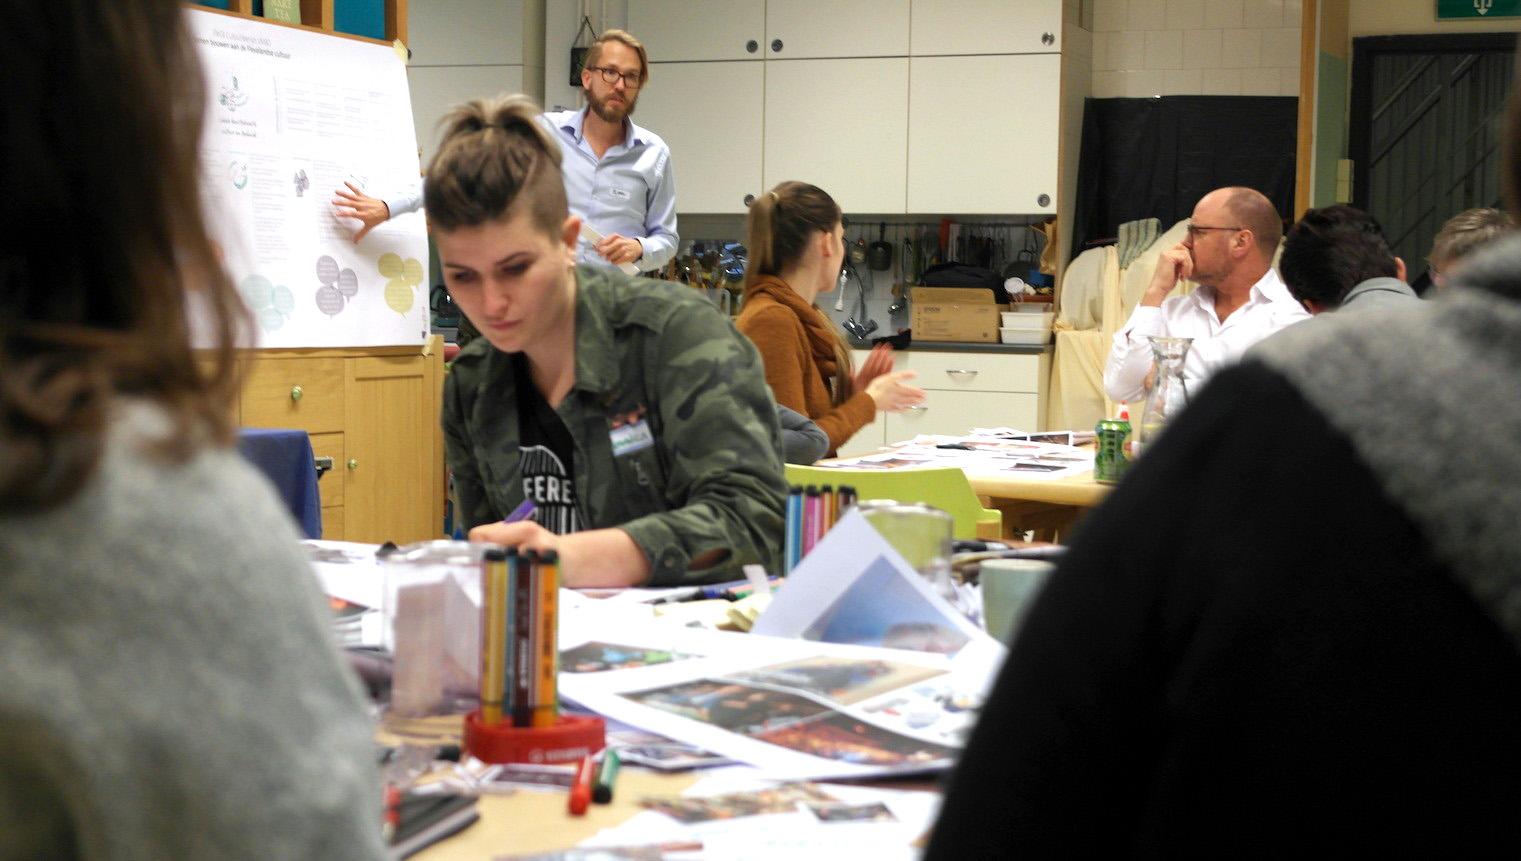 Co-creatie voor VMBO onderwijs met docenten